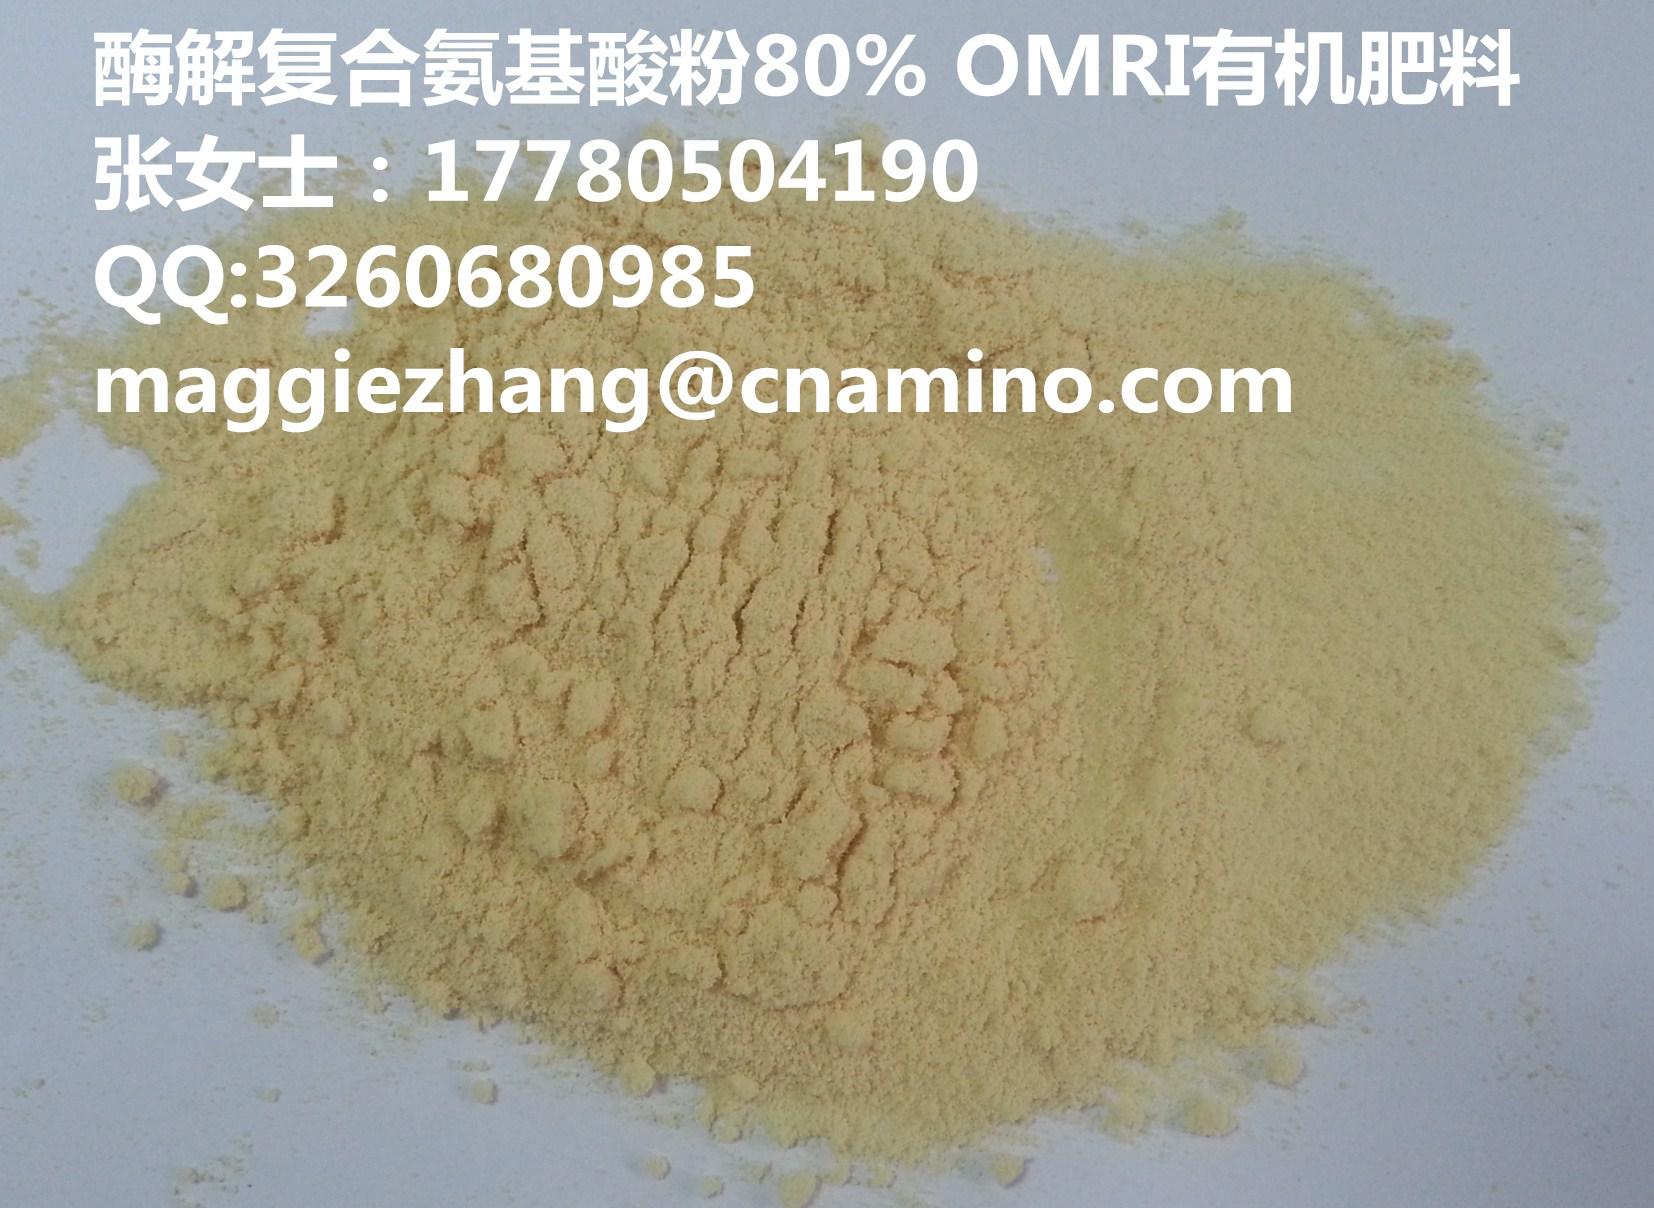 源头生产厂家供应植物源复合氨基酸80粉水解/酶解型 无氯